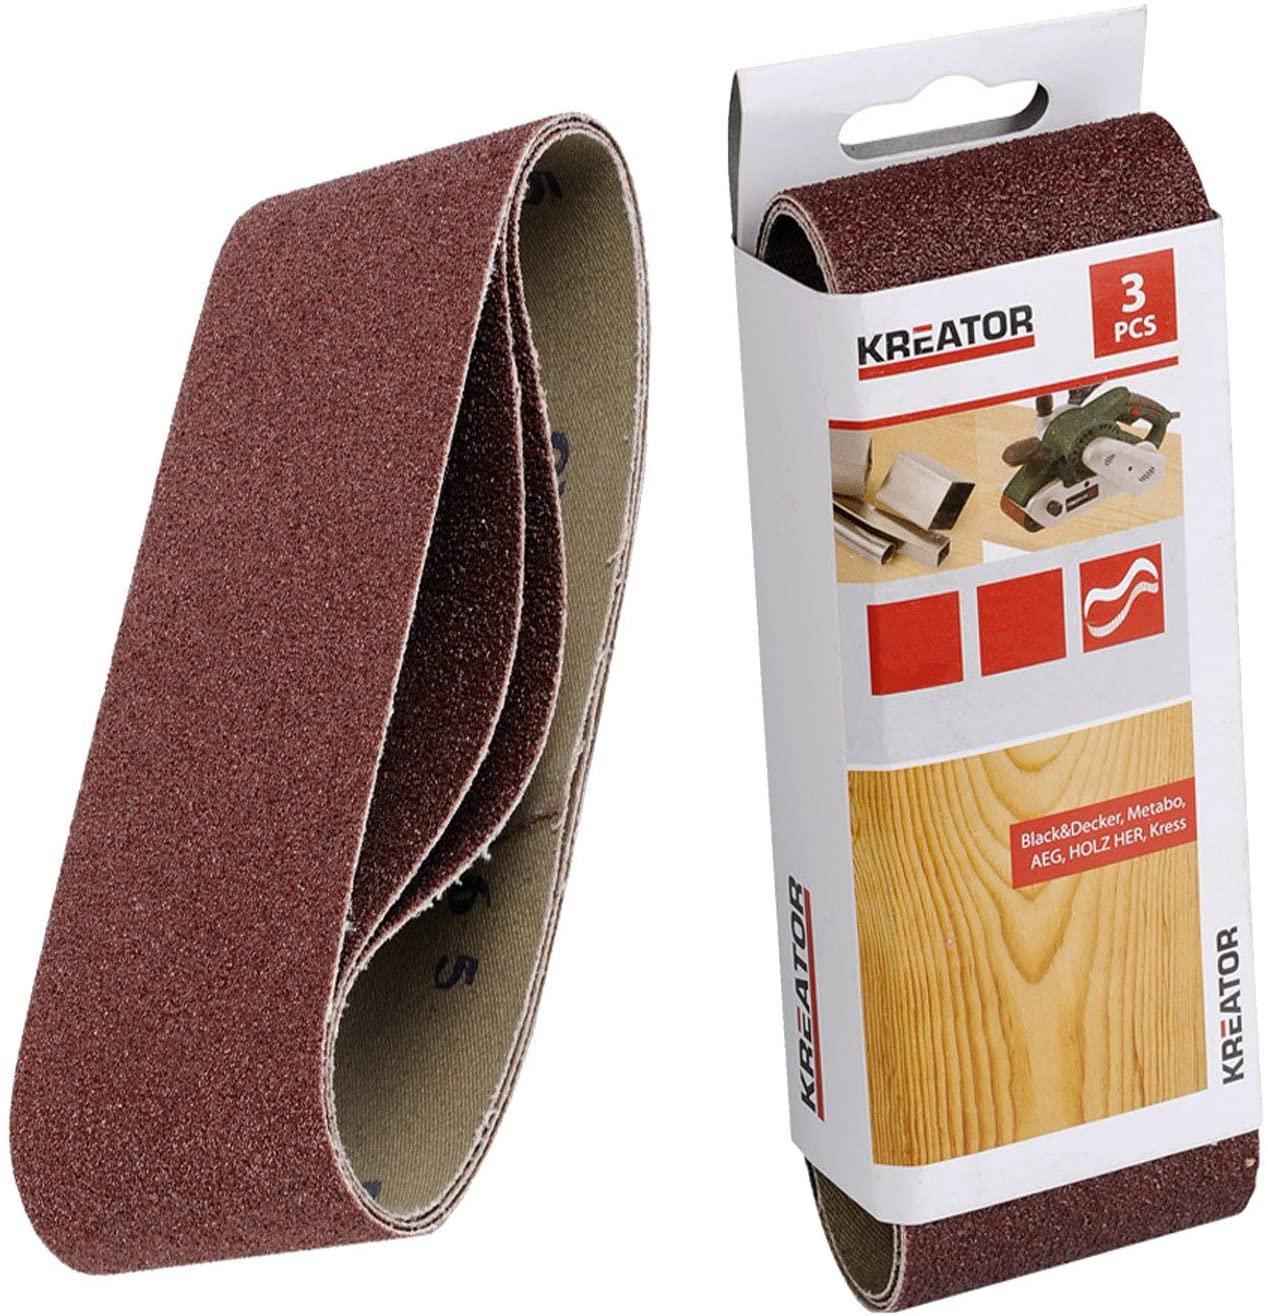 Kreator 03243003 Sanding Belts 100 x 610 mm Grit Size 40 Set of 3